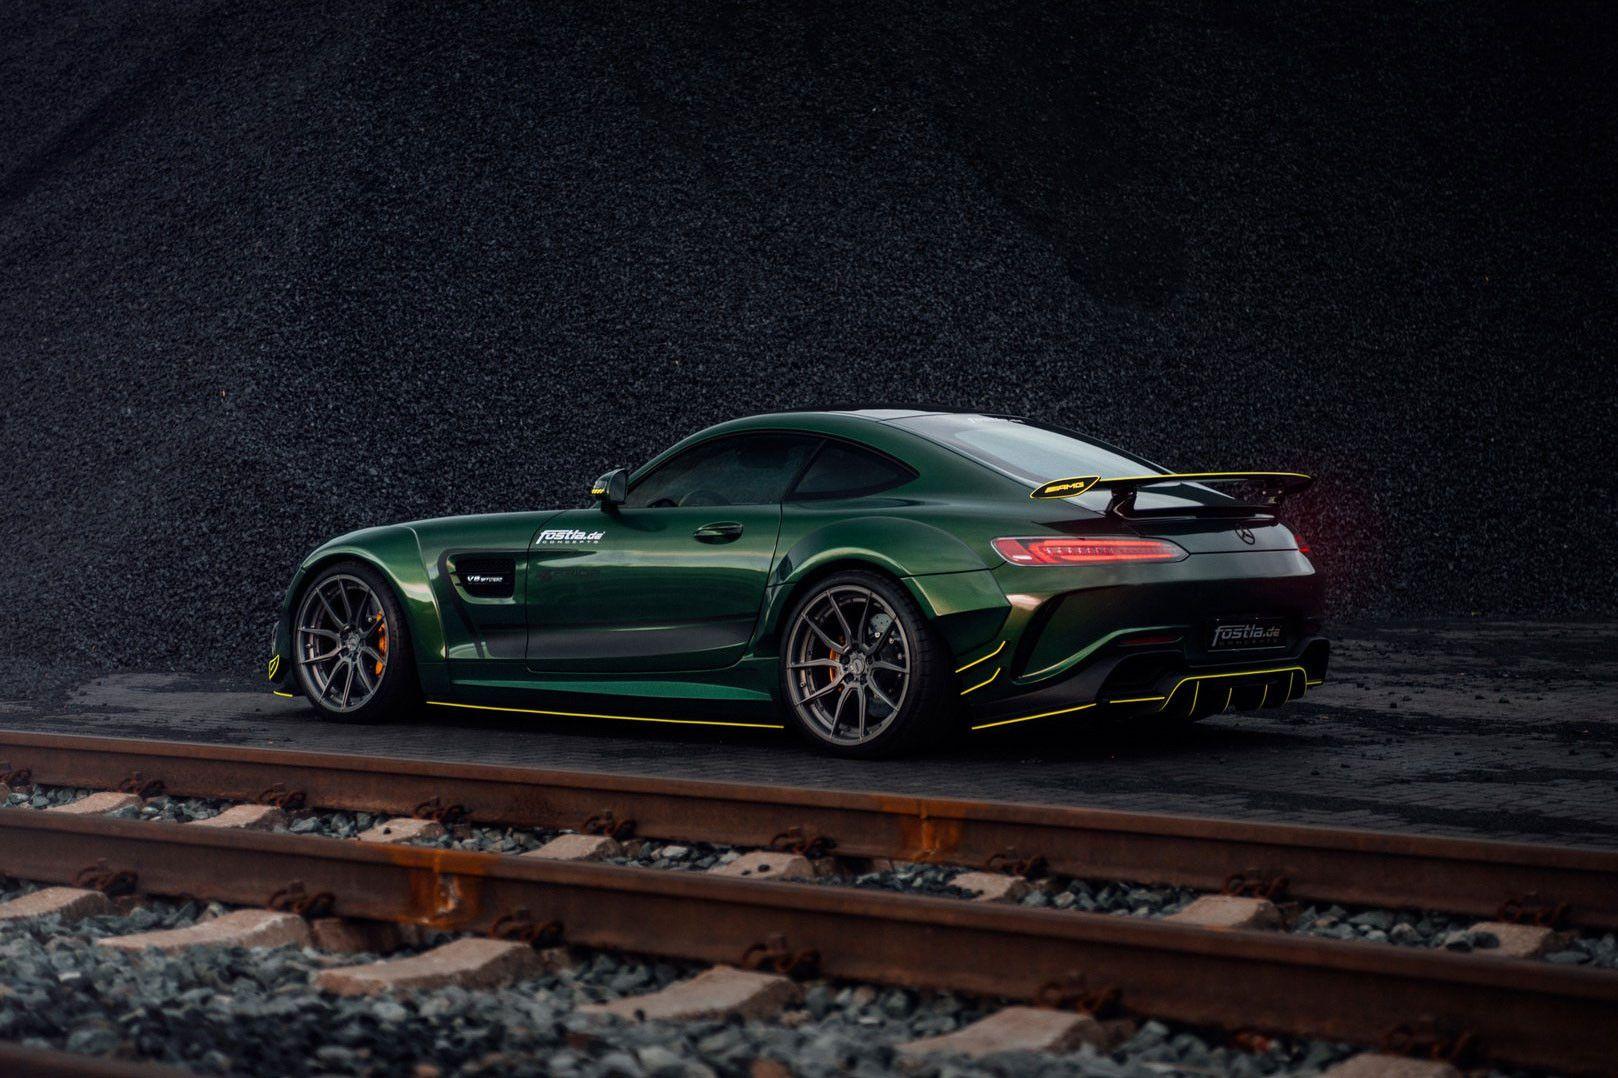 Fostla Takes The Already Powerful Mercedes Amg Gt S To Wild New